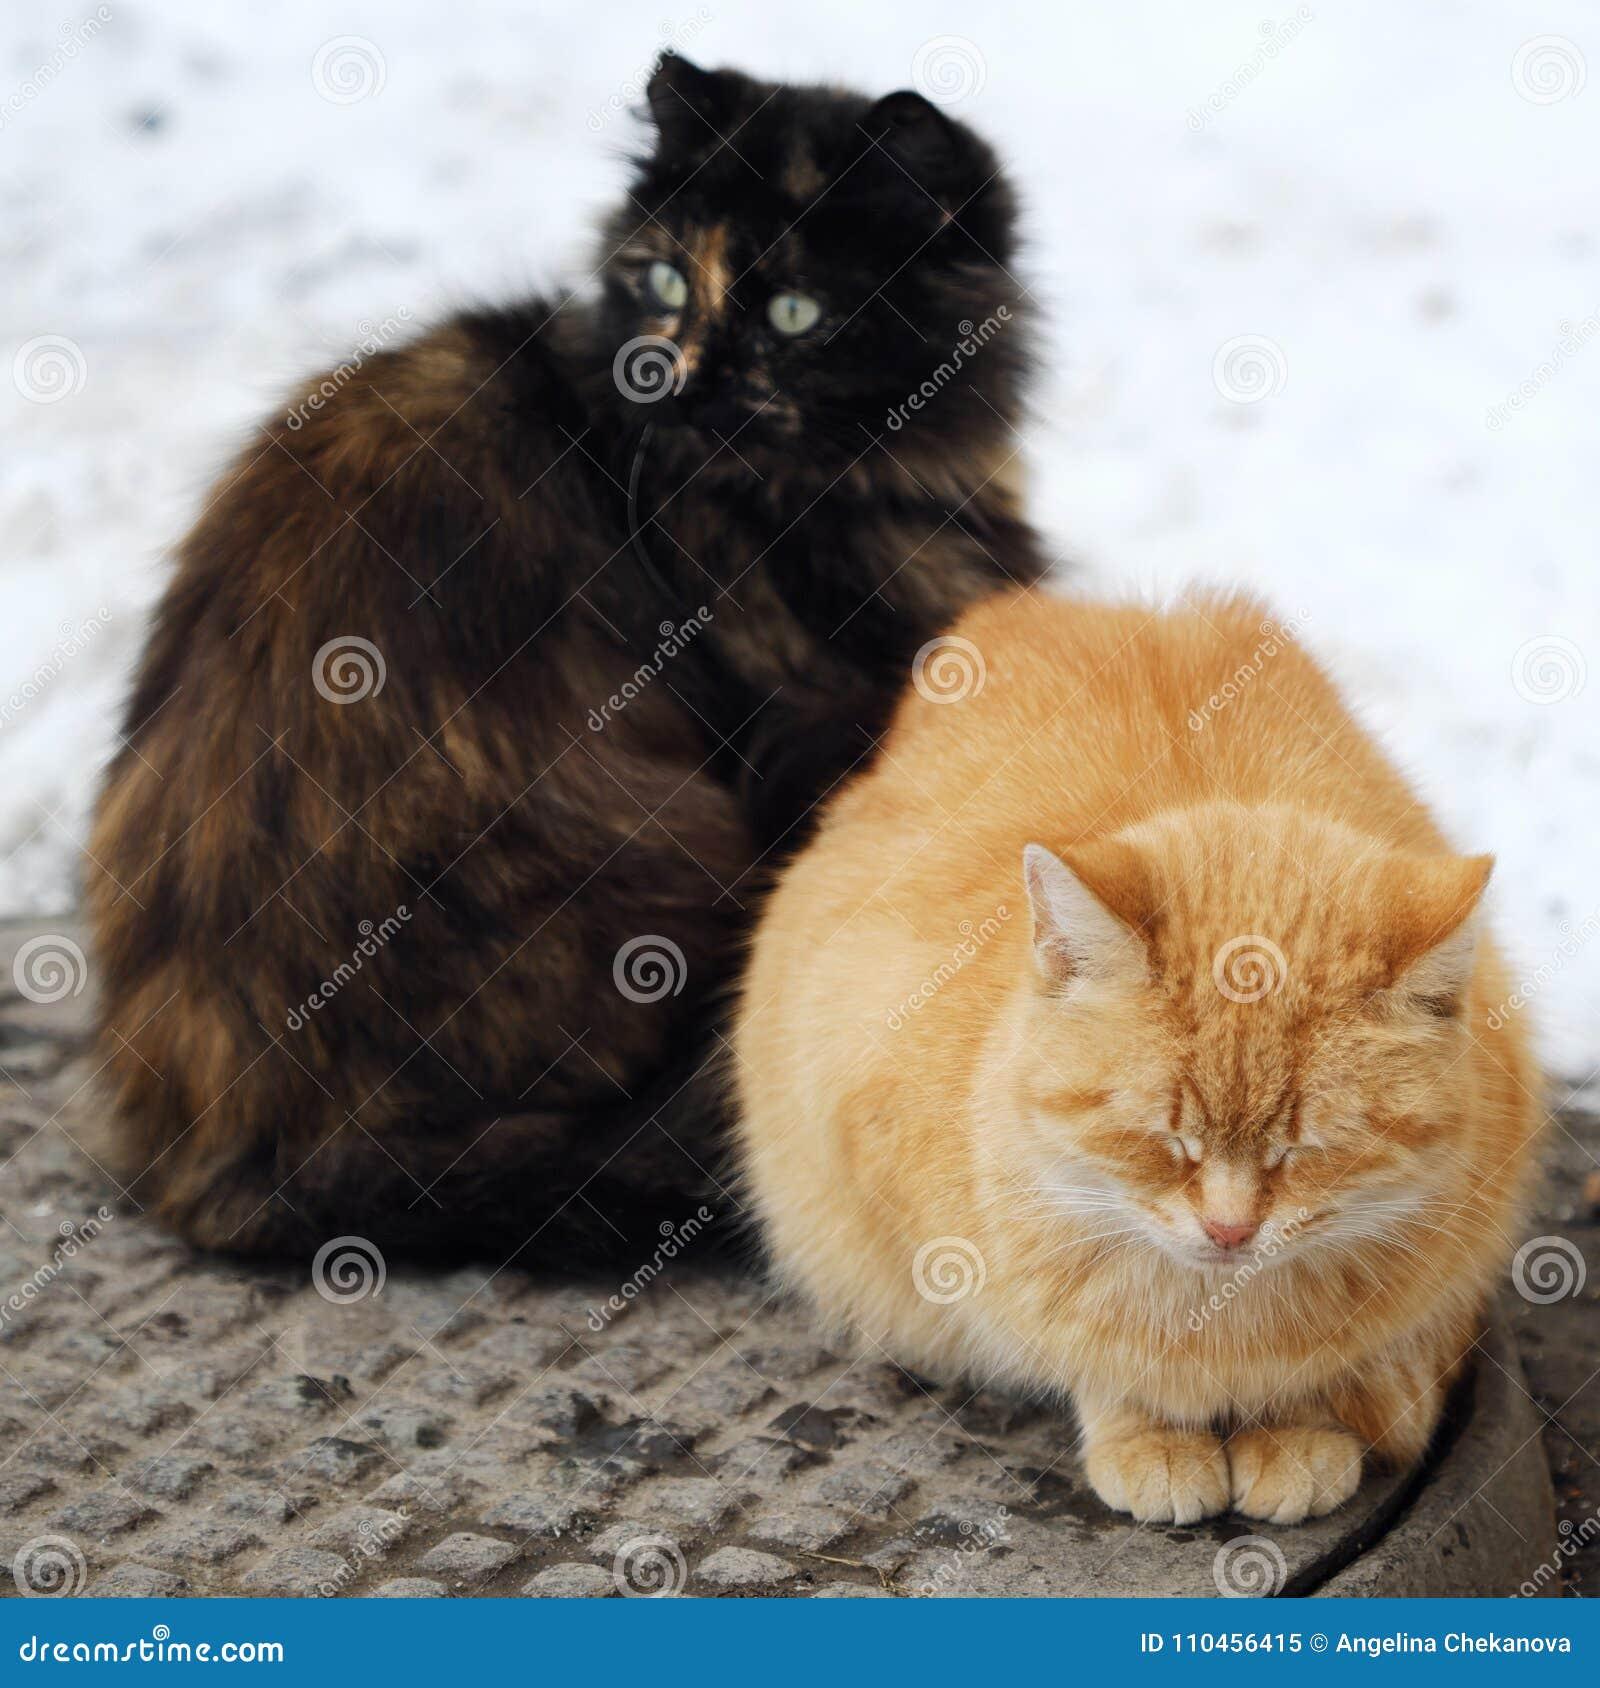 Härliga katter svärtar och rävaktig färg på gatan i vinter